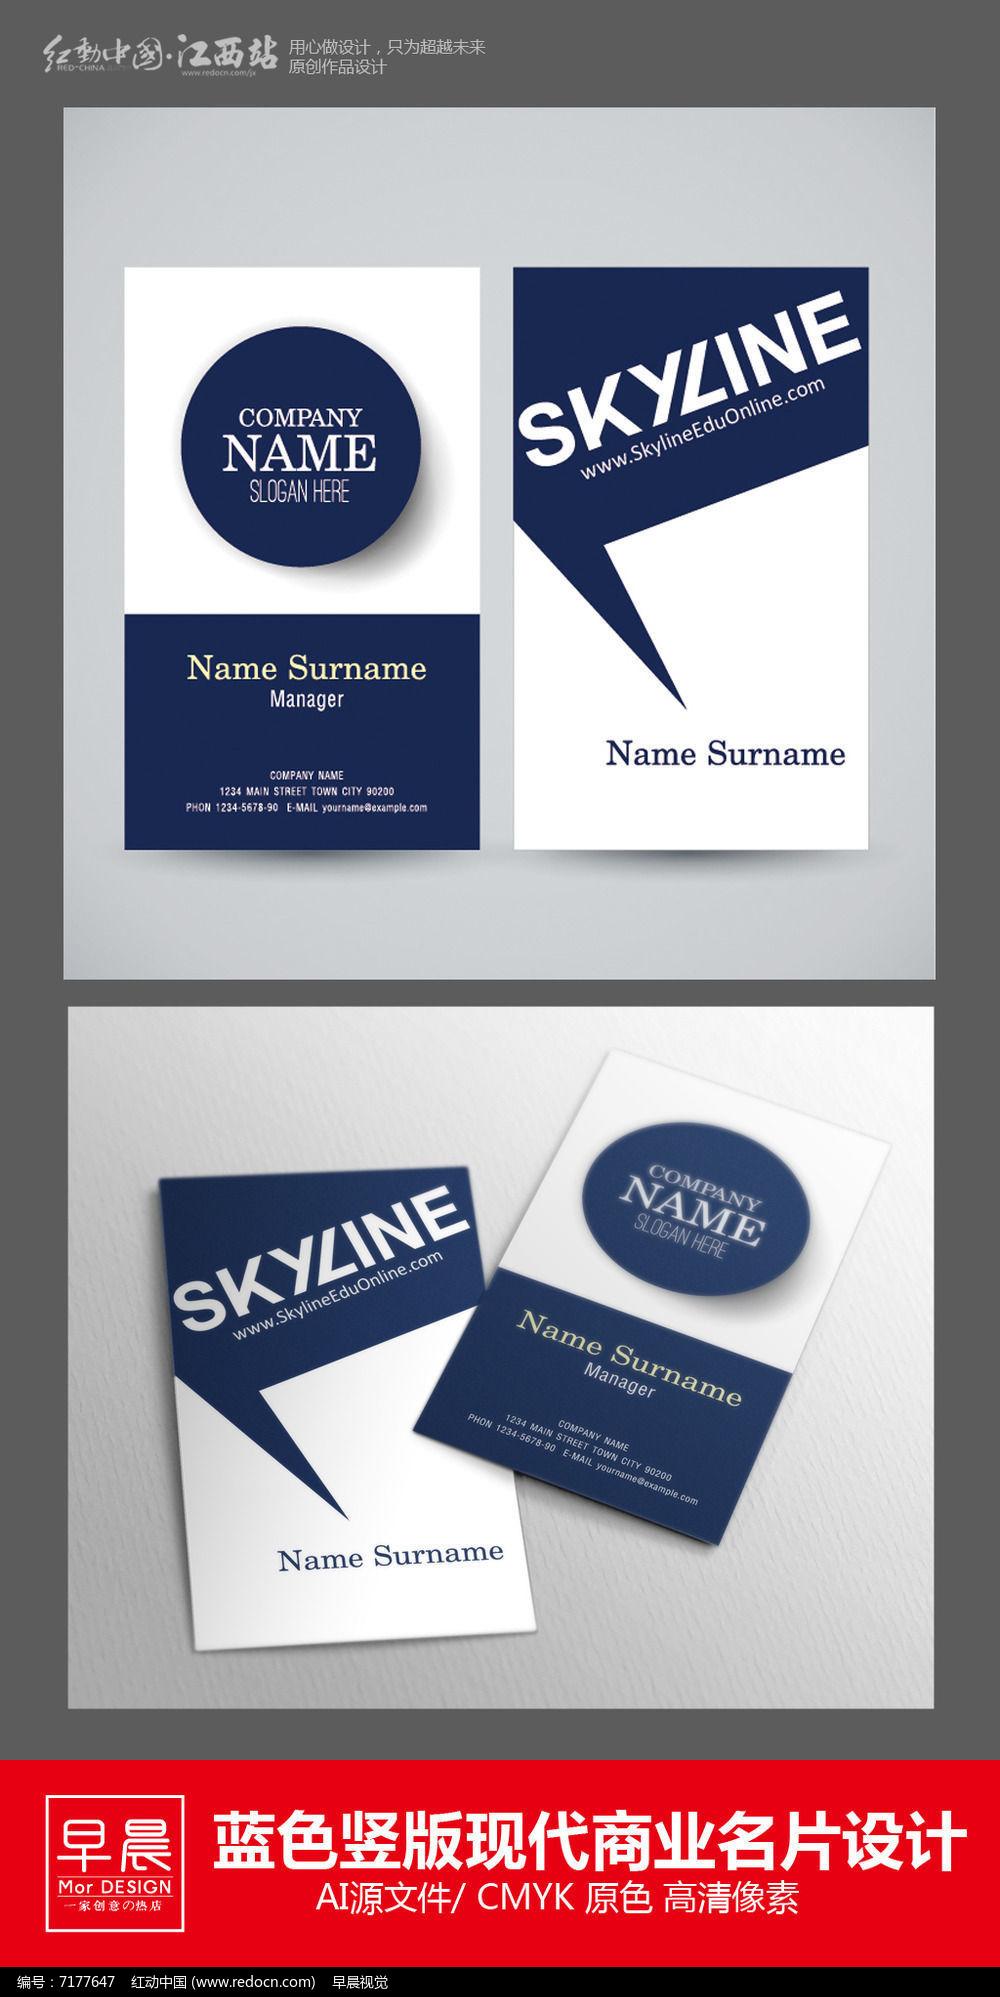 蓝色竖版现代商业名片图片